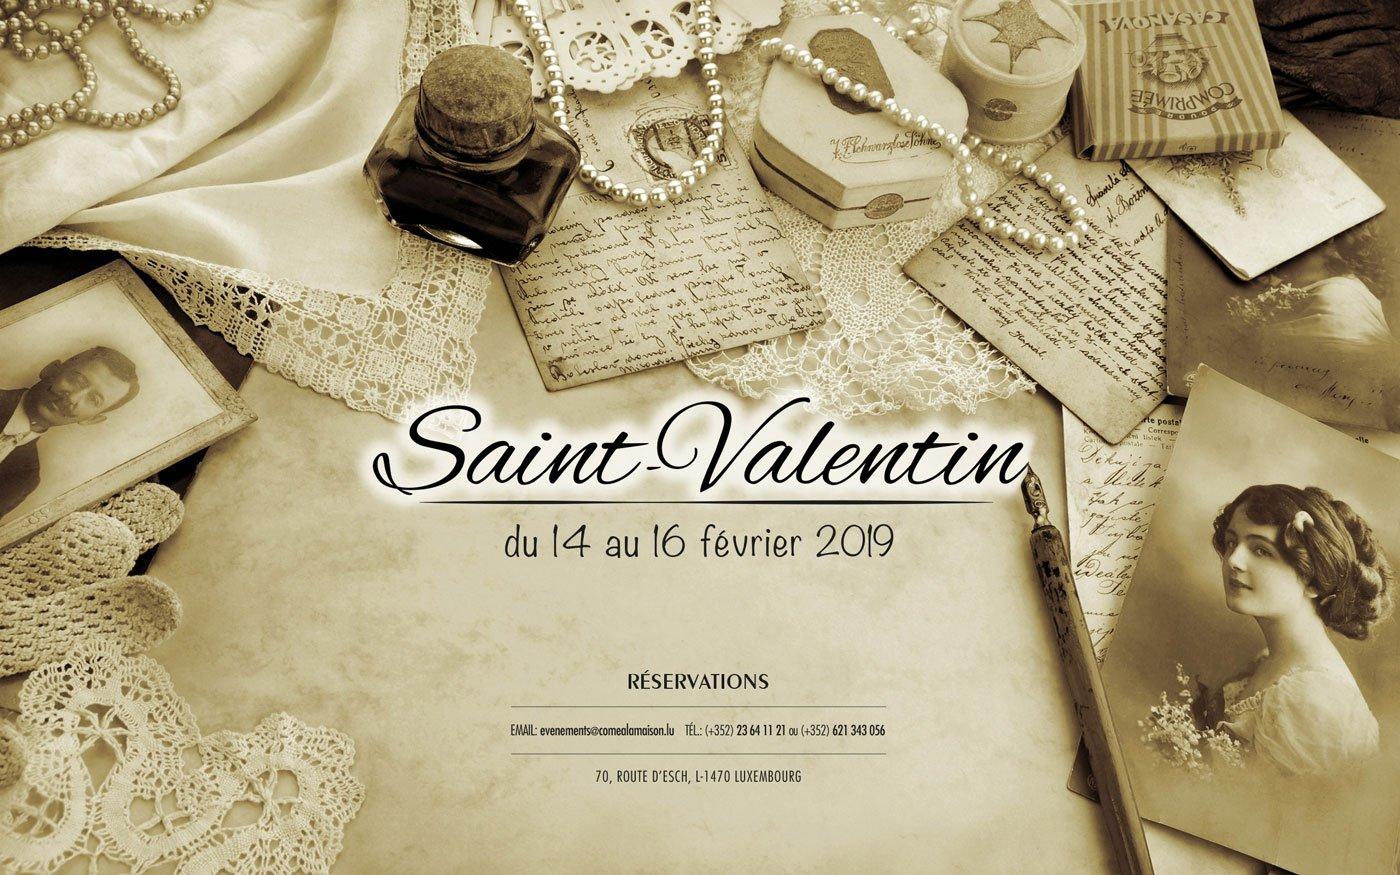 Saint-Valentin 2019